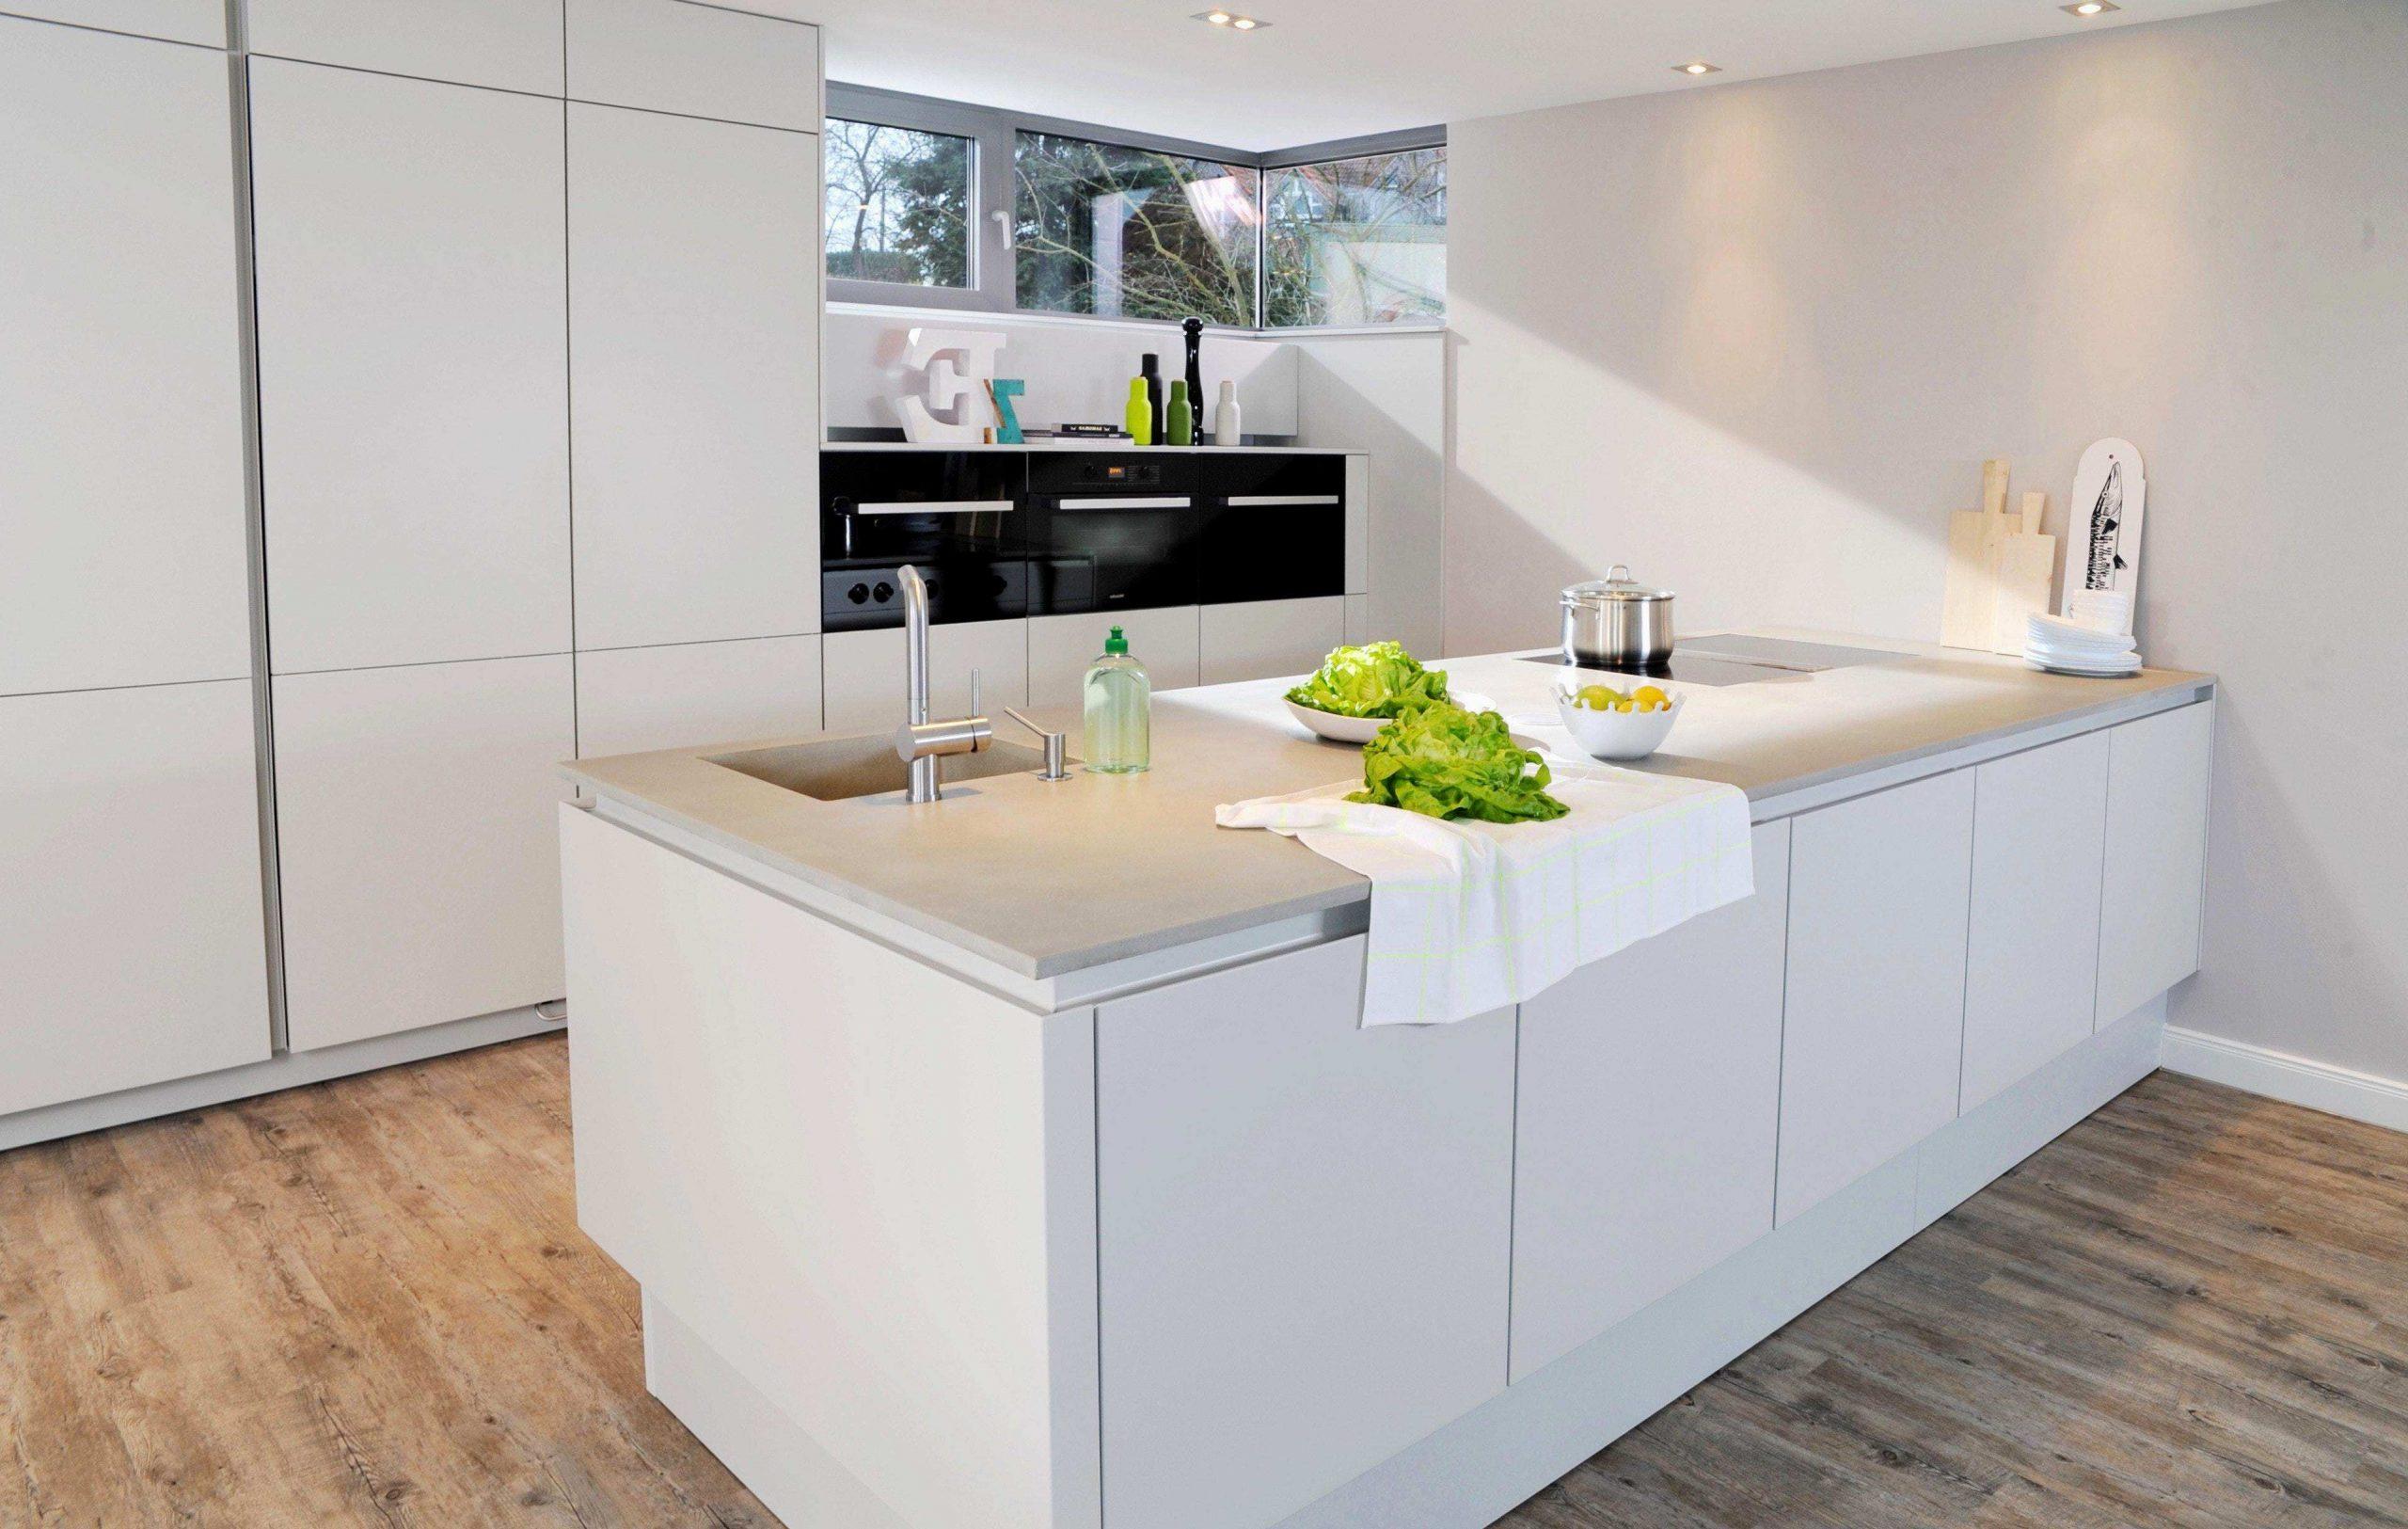 Full Size of Moderne Kchenlampen Decke Luxus Kche Lampen Ideen Tolles Wohnzimmer Küchenlampen